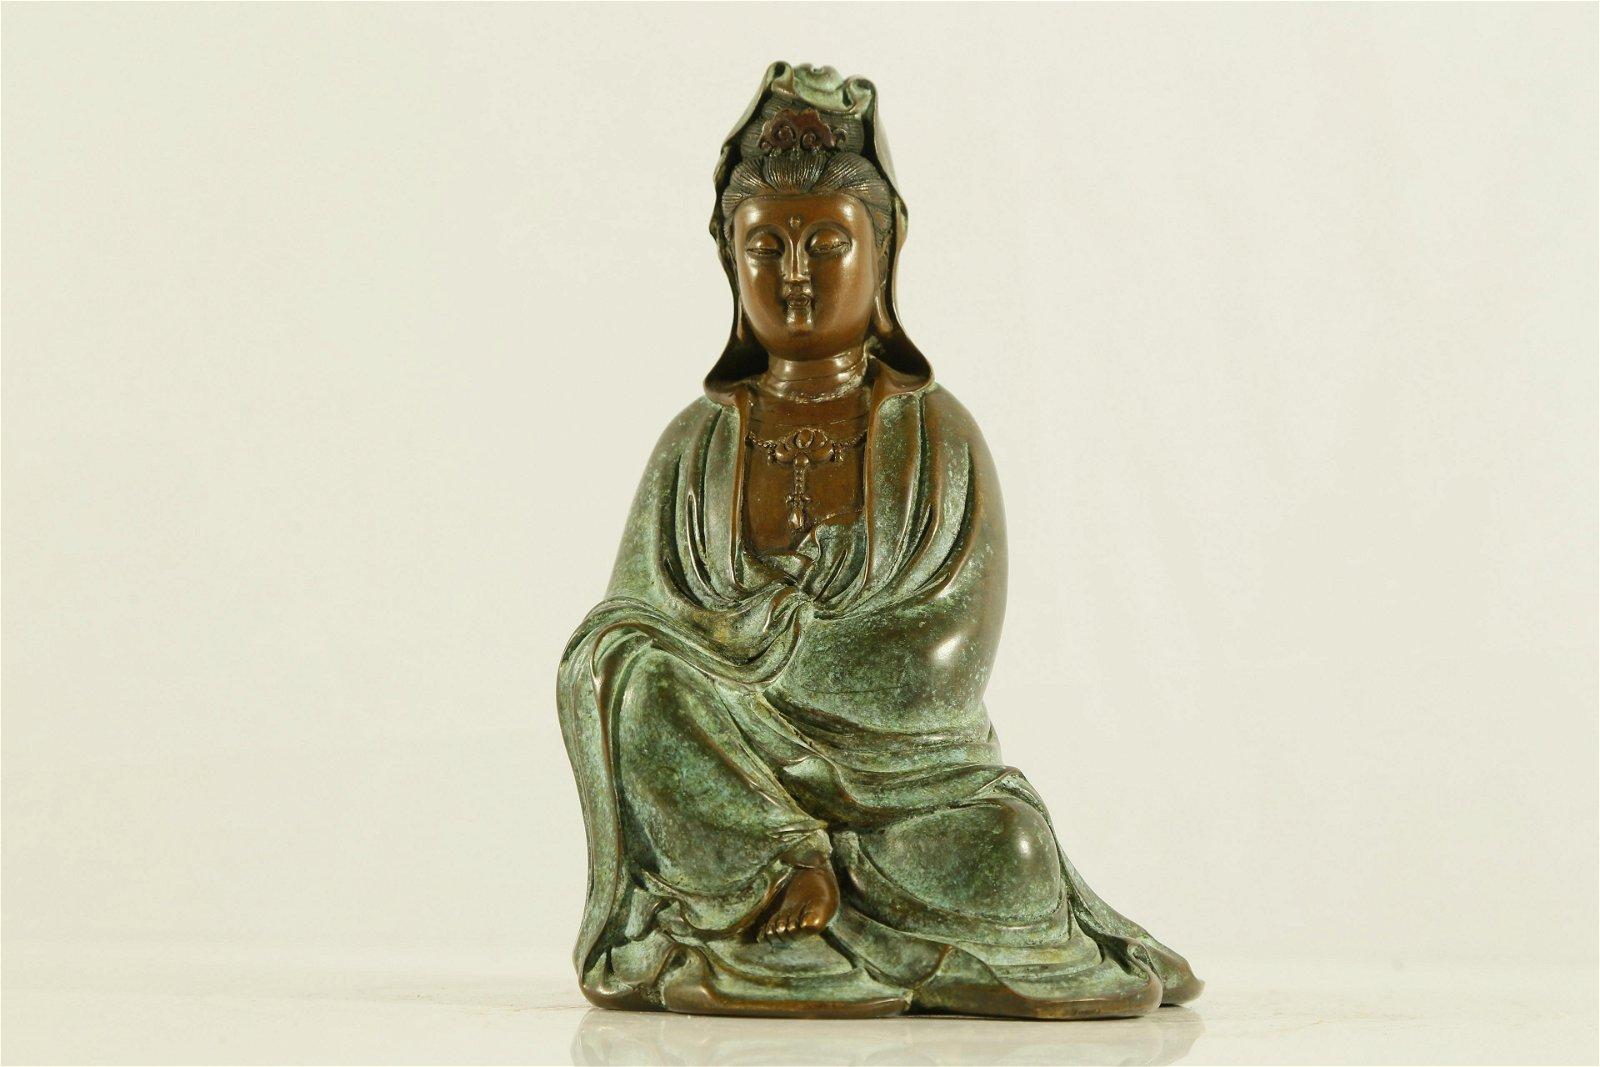 A Fine Yixing Clay Figure of Guanyin